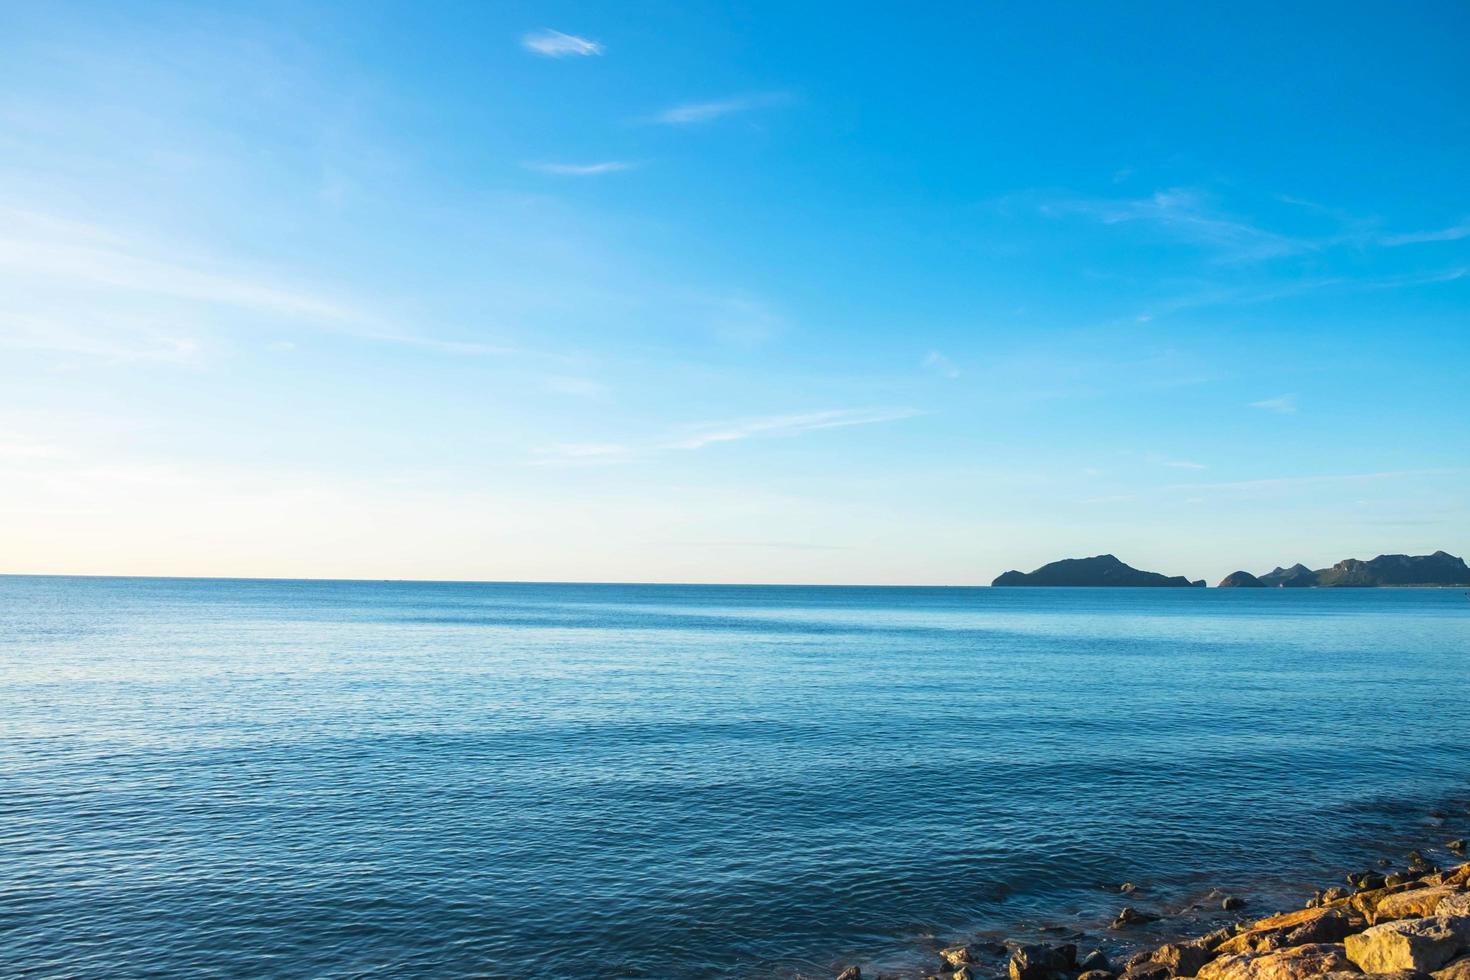 el cielo y el mar en verano foto